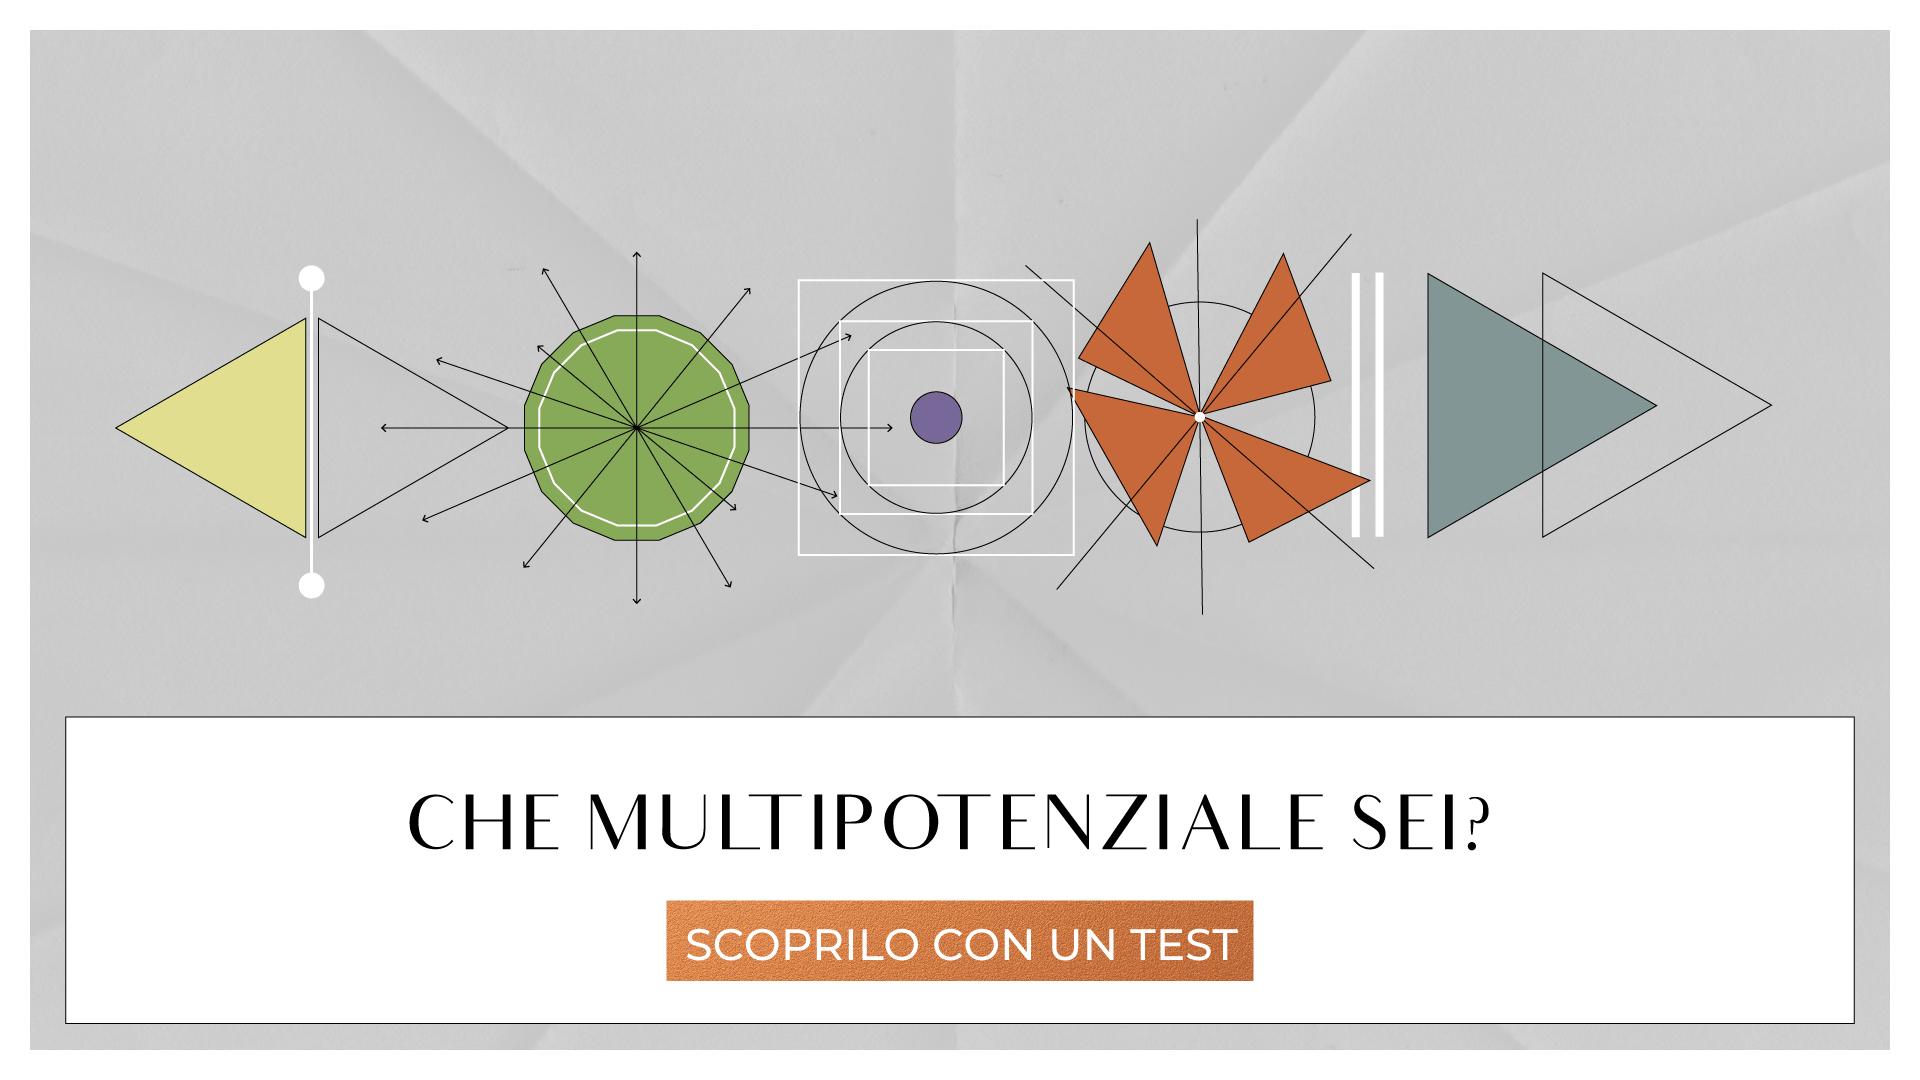 che multipotenziale sei?